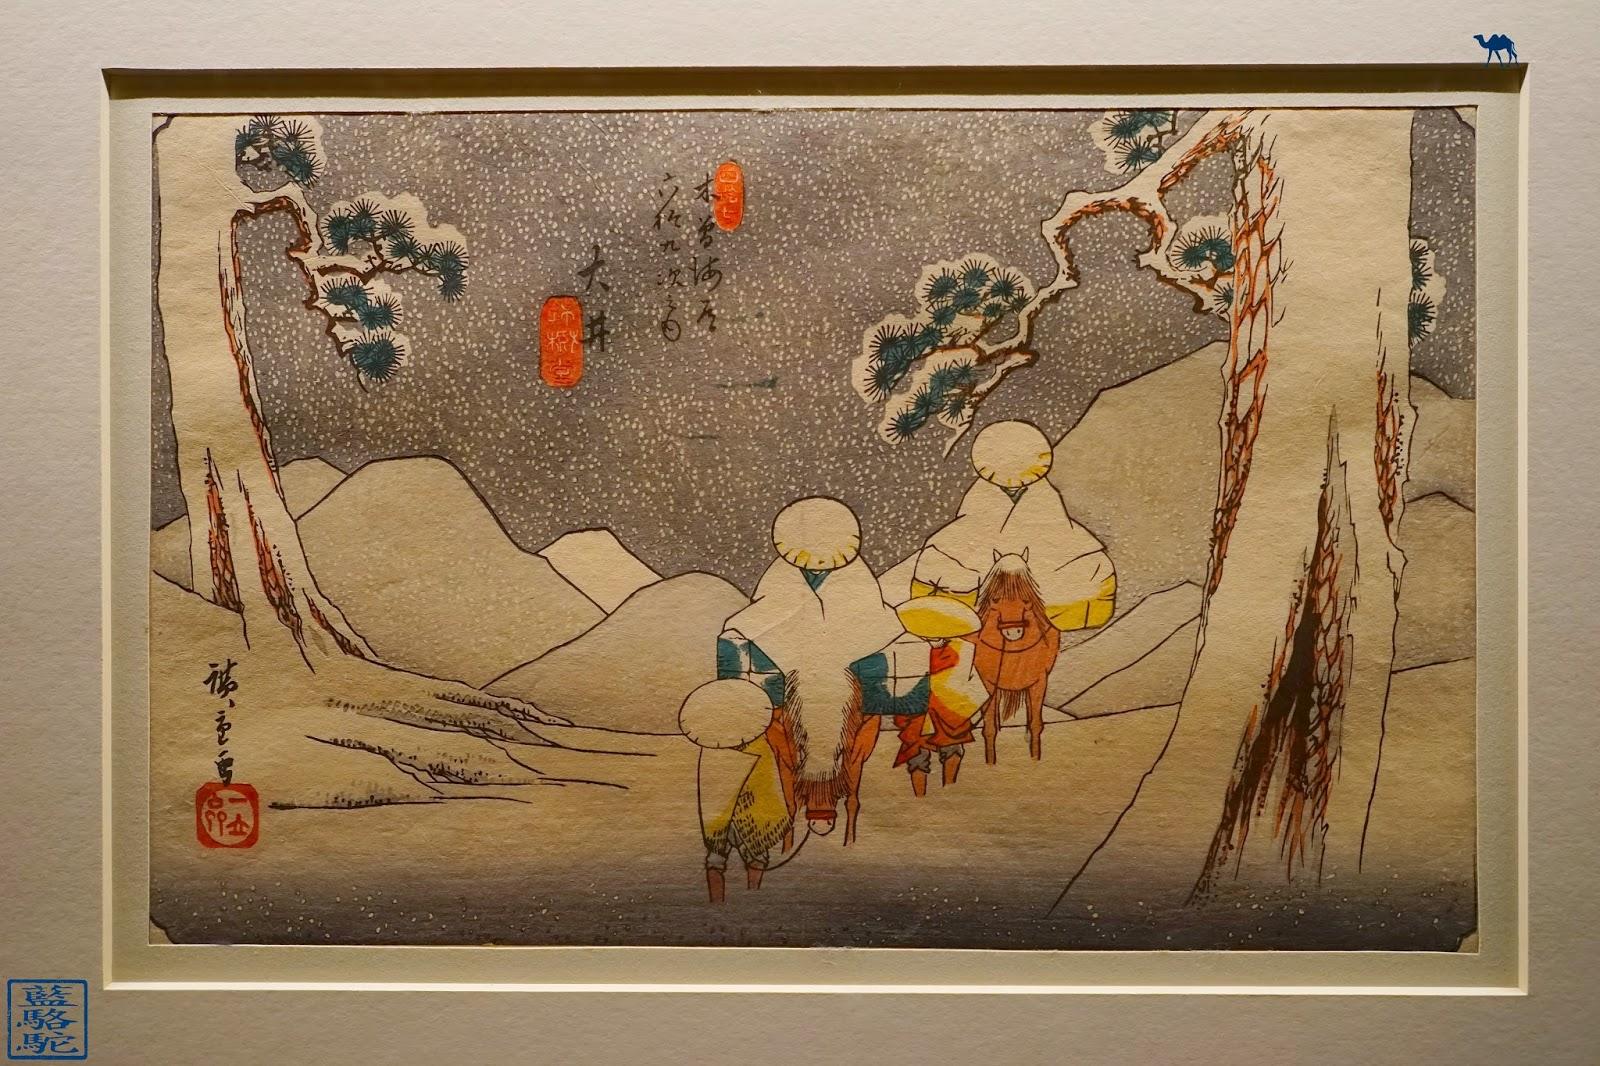 Le Chameau Bleu - Blog Voyage et Cuisine - Estampes japonaises - Mnaag